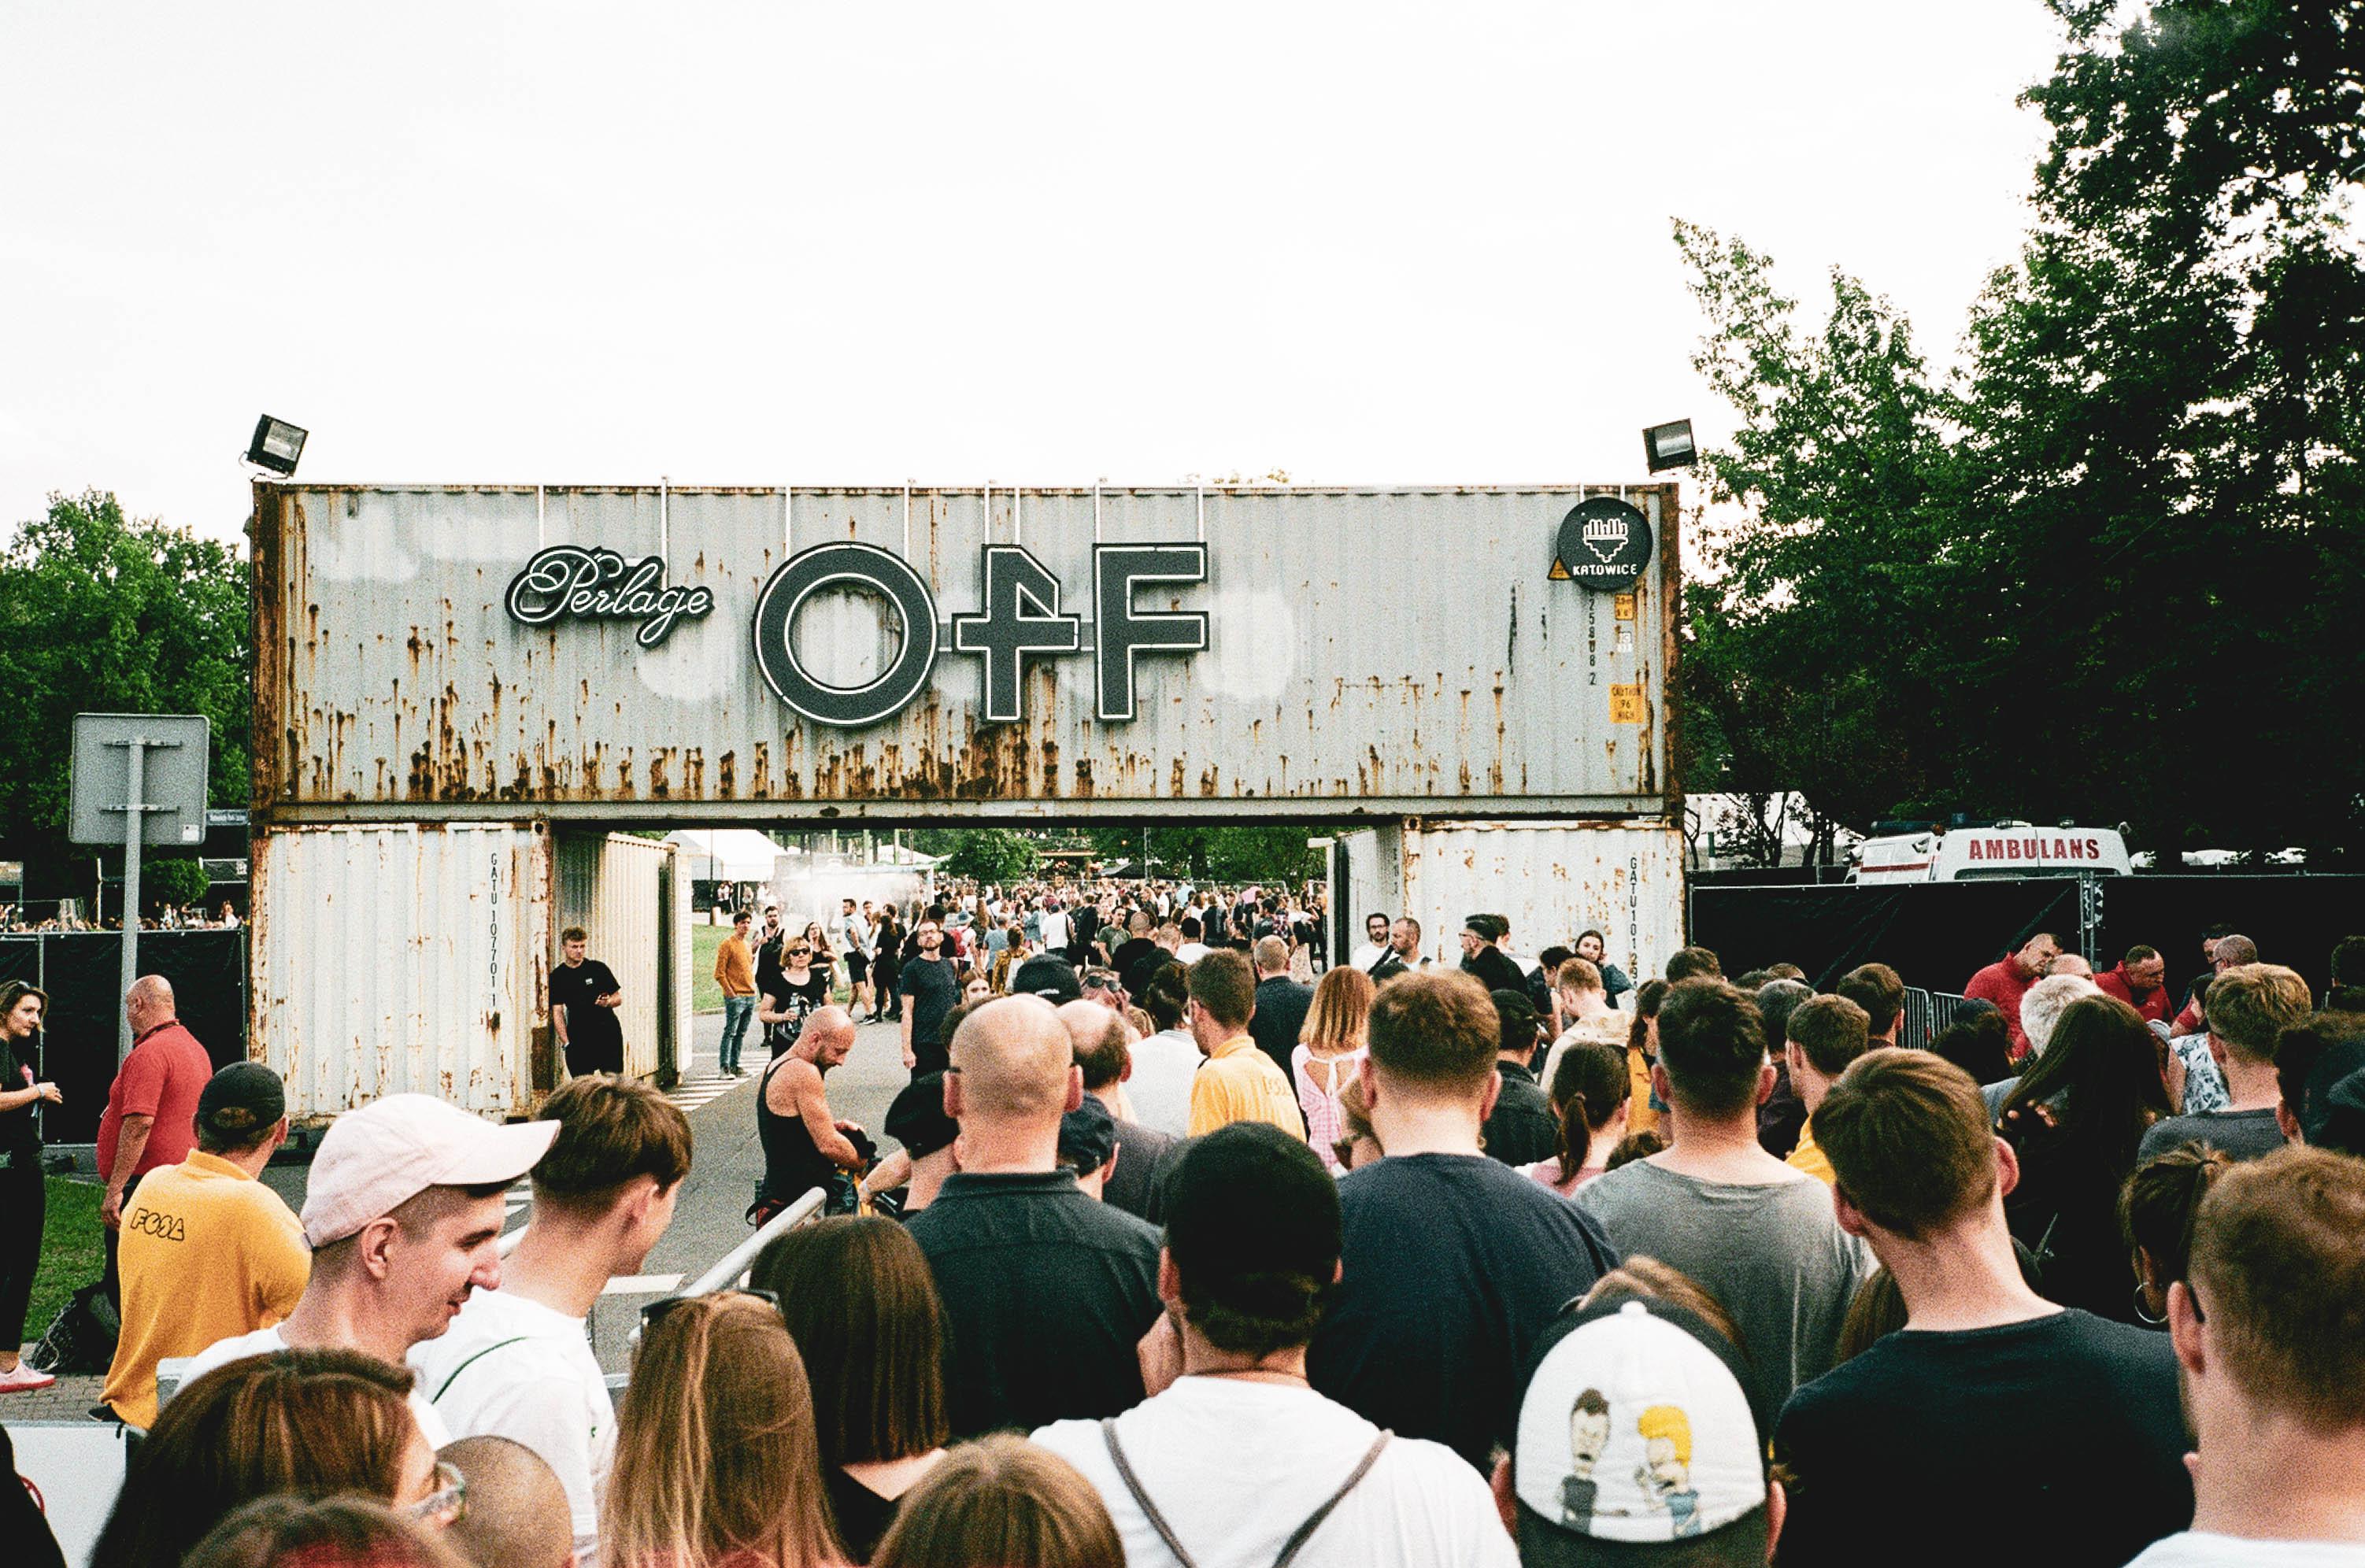 Otwarte przestworza dźwięków – relacja z OFF Festival 2019